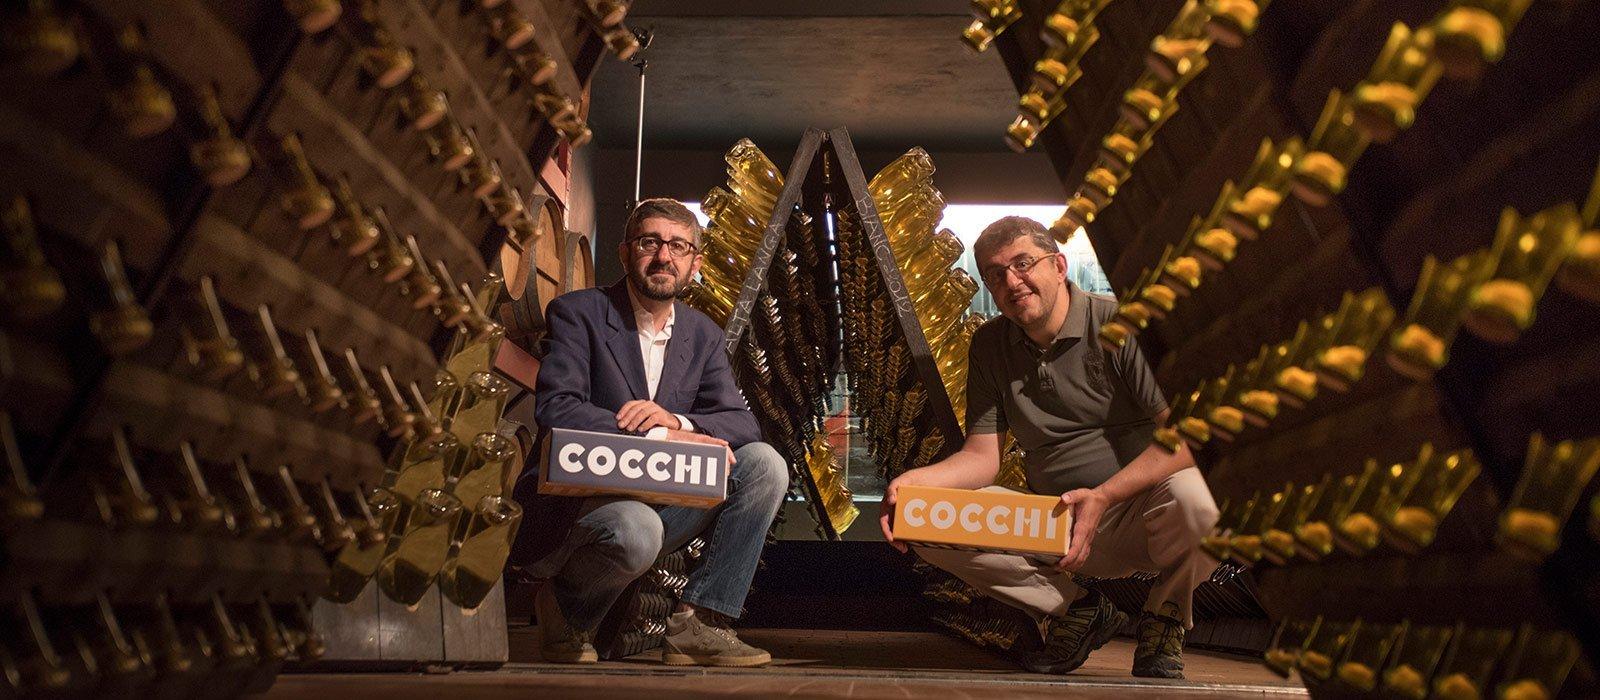 Giulio Cocchi Spumanti